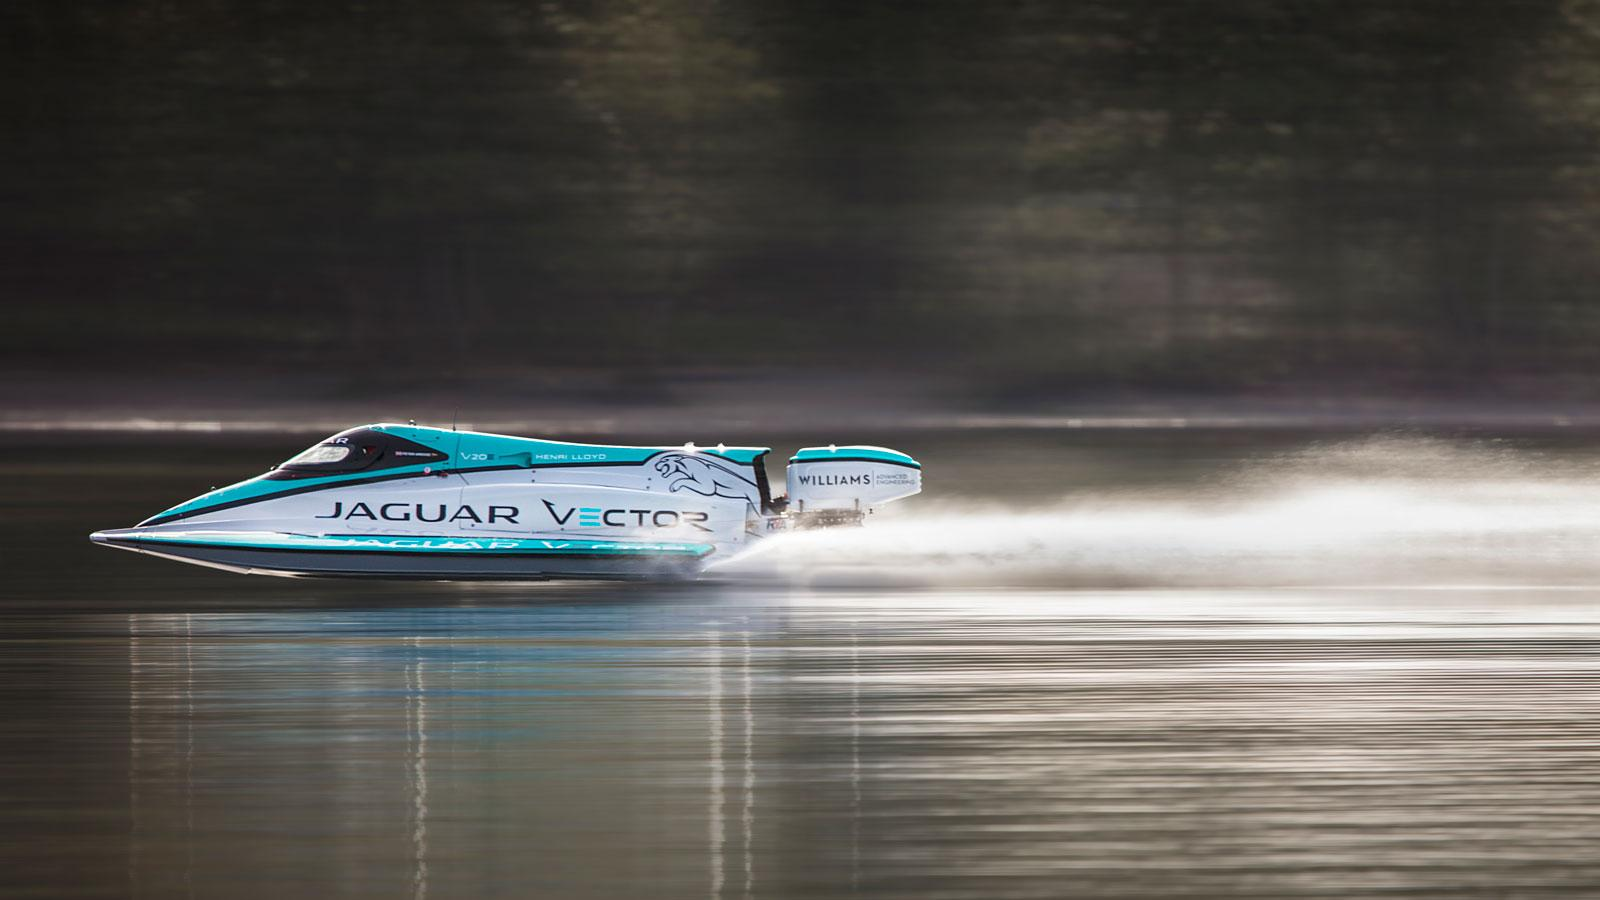 Катер Ягуар установил мировой рекорд скорости наводе среди лодок сэлектромотором